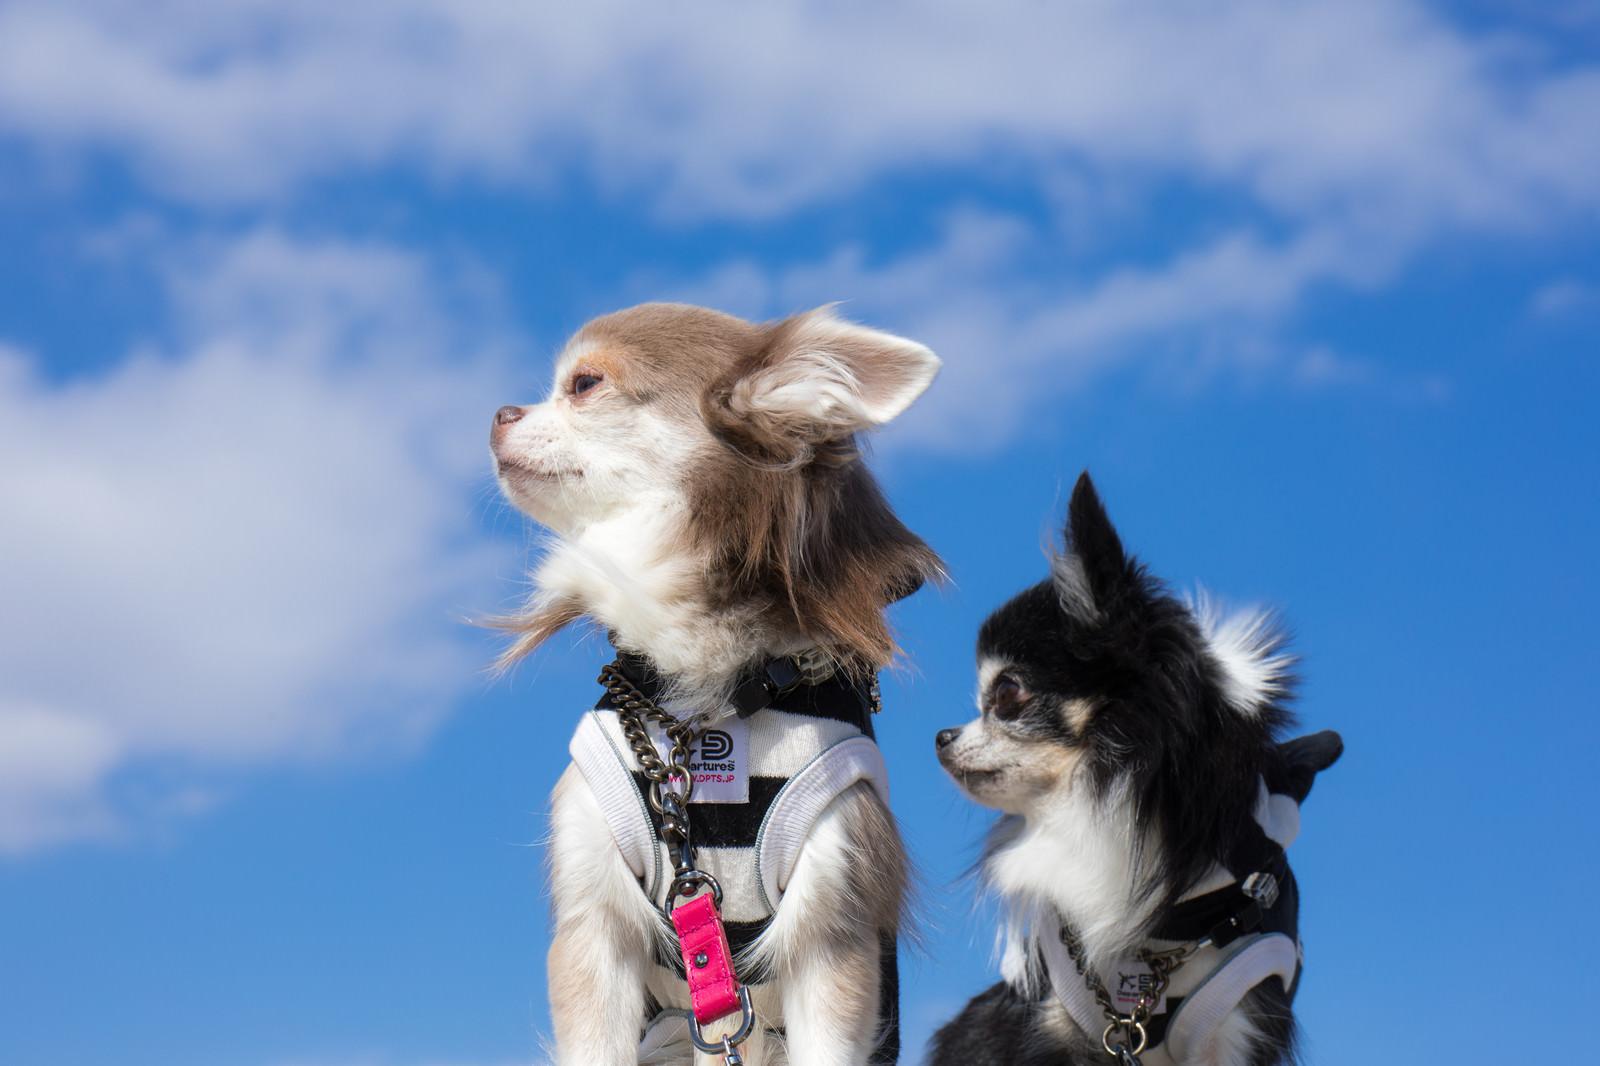 「今からあれ(フリスビーを投げてキャッチするやつ)をやると言われて傍観する犬二匹」の写真